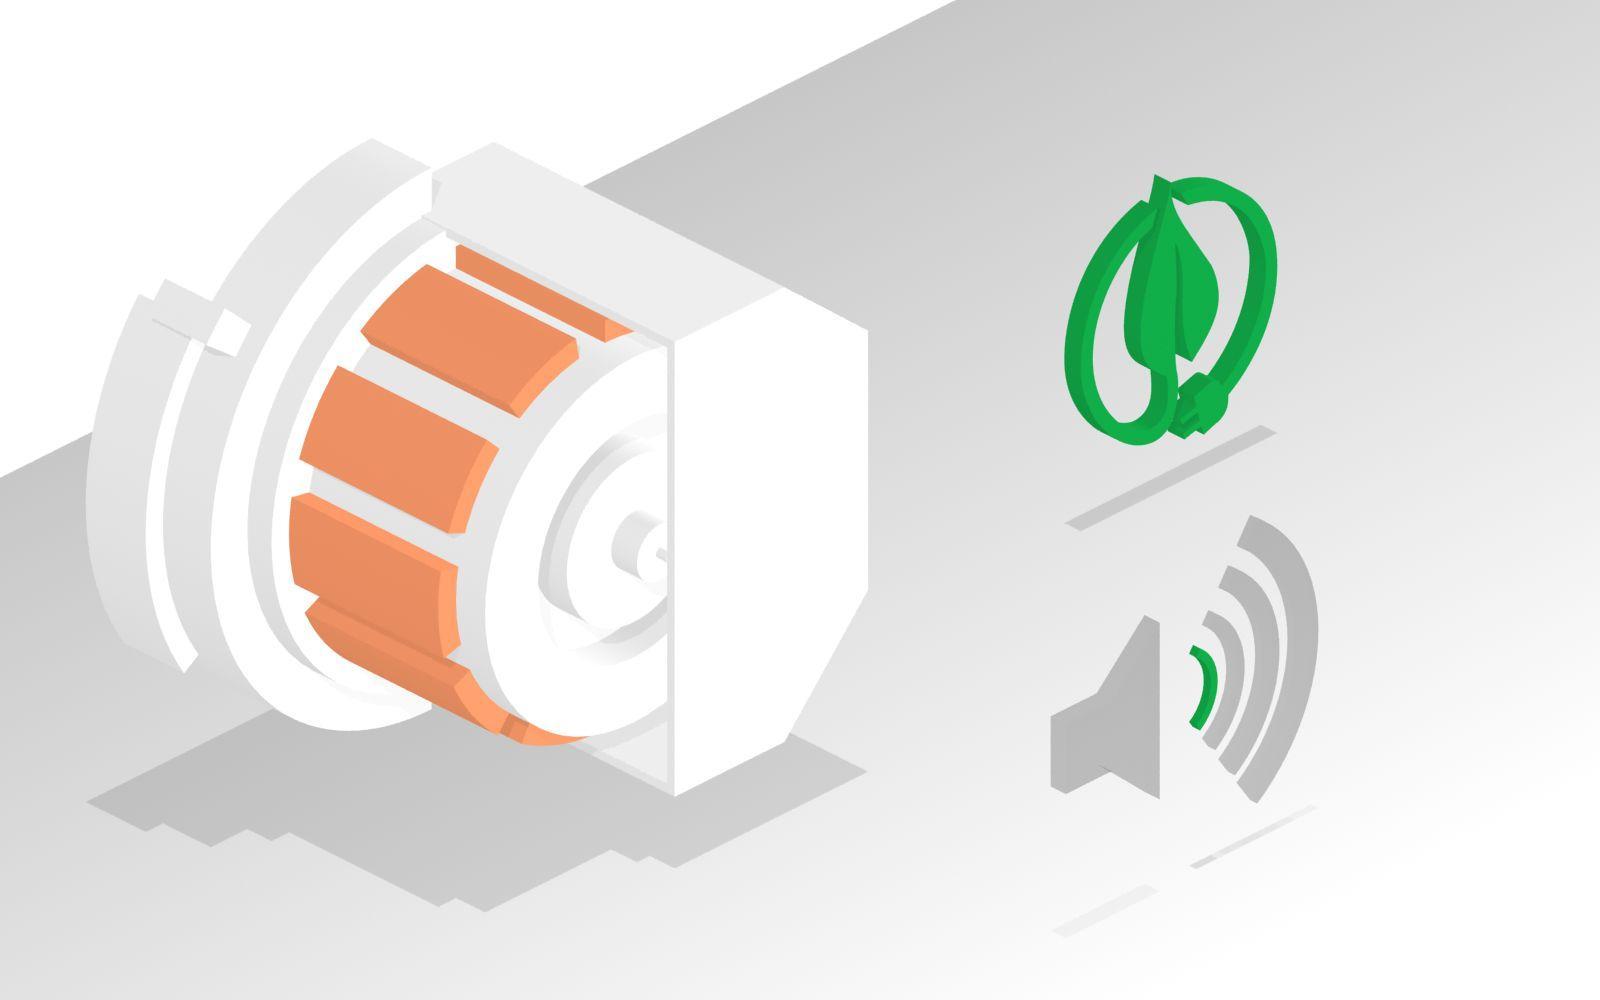 EcoSilenceDrive ™: cực kỳ tiết kiệm năng lượng, yên tĩnh và bền bỉ.